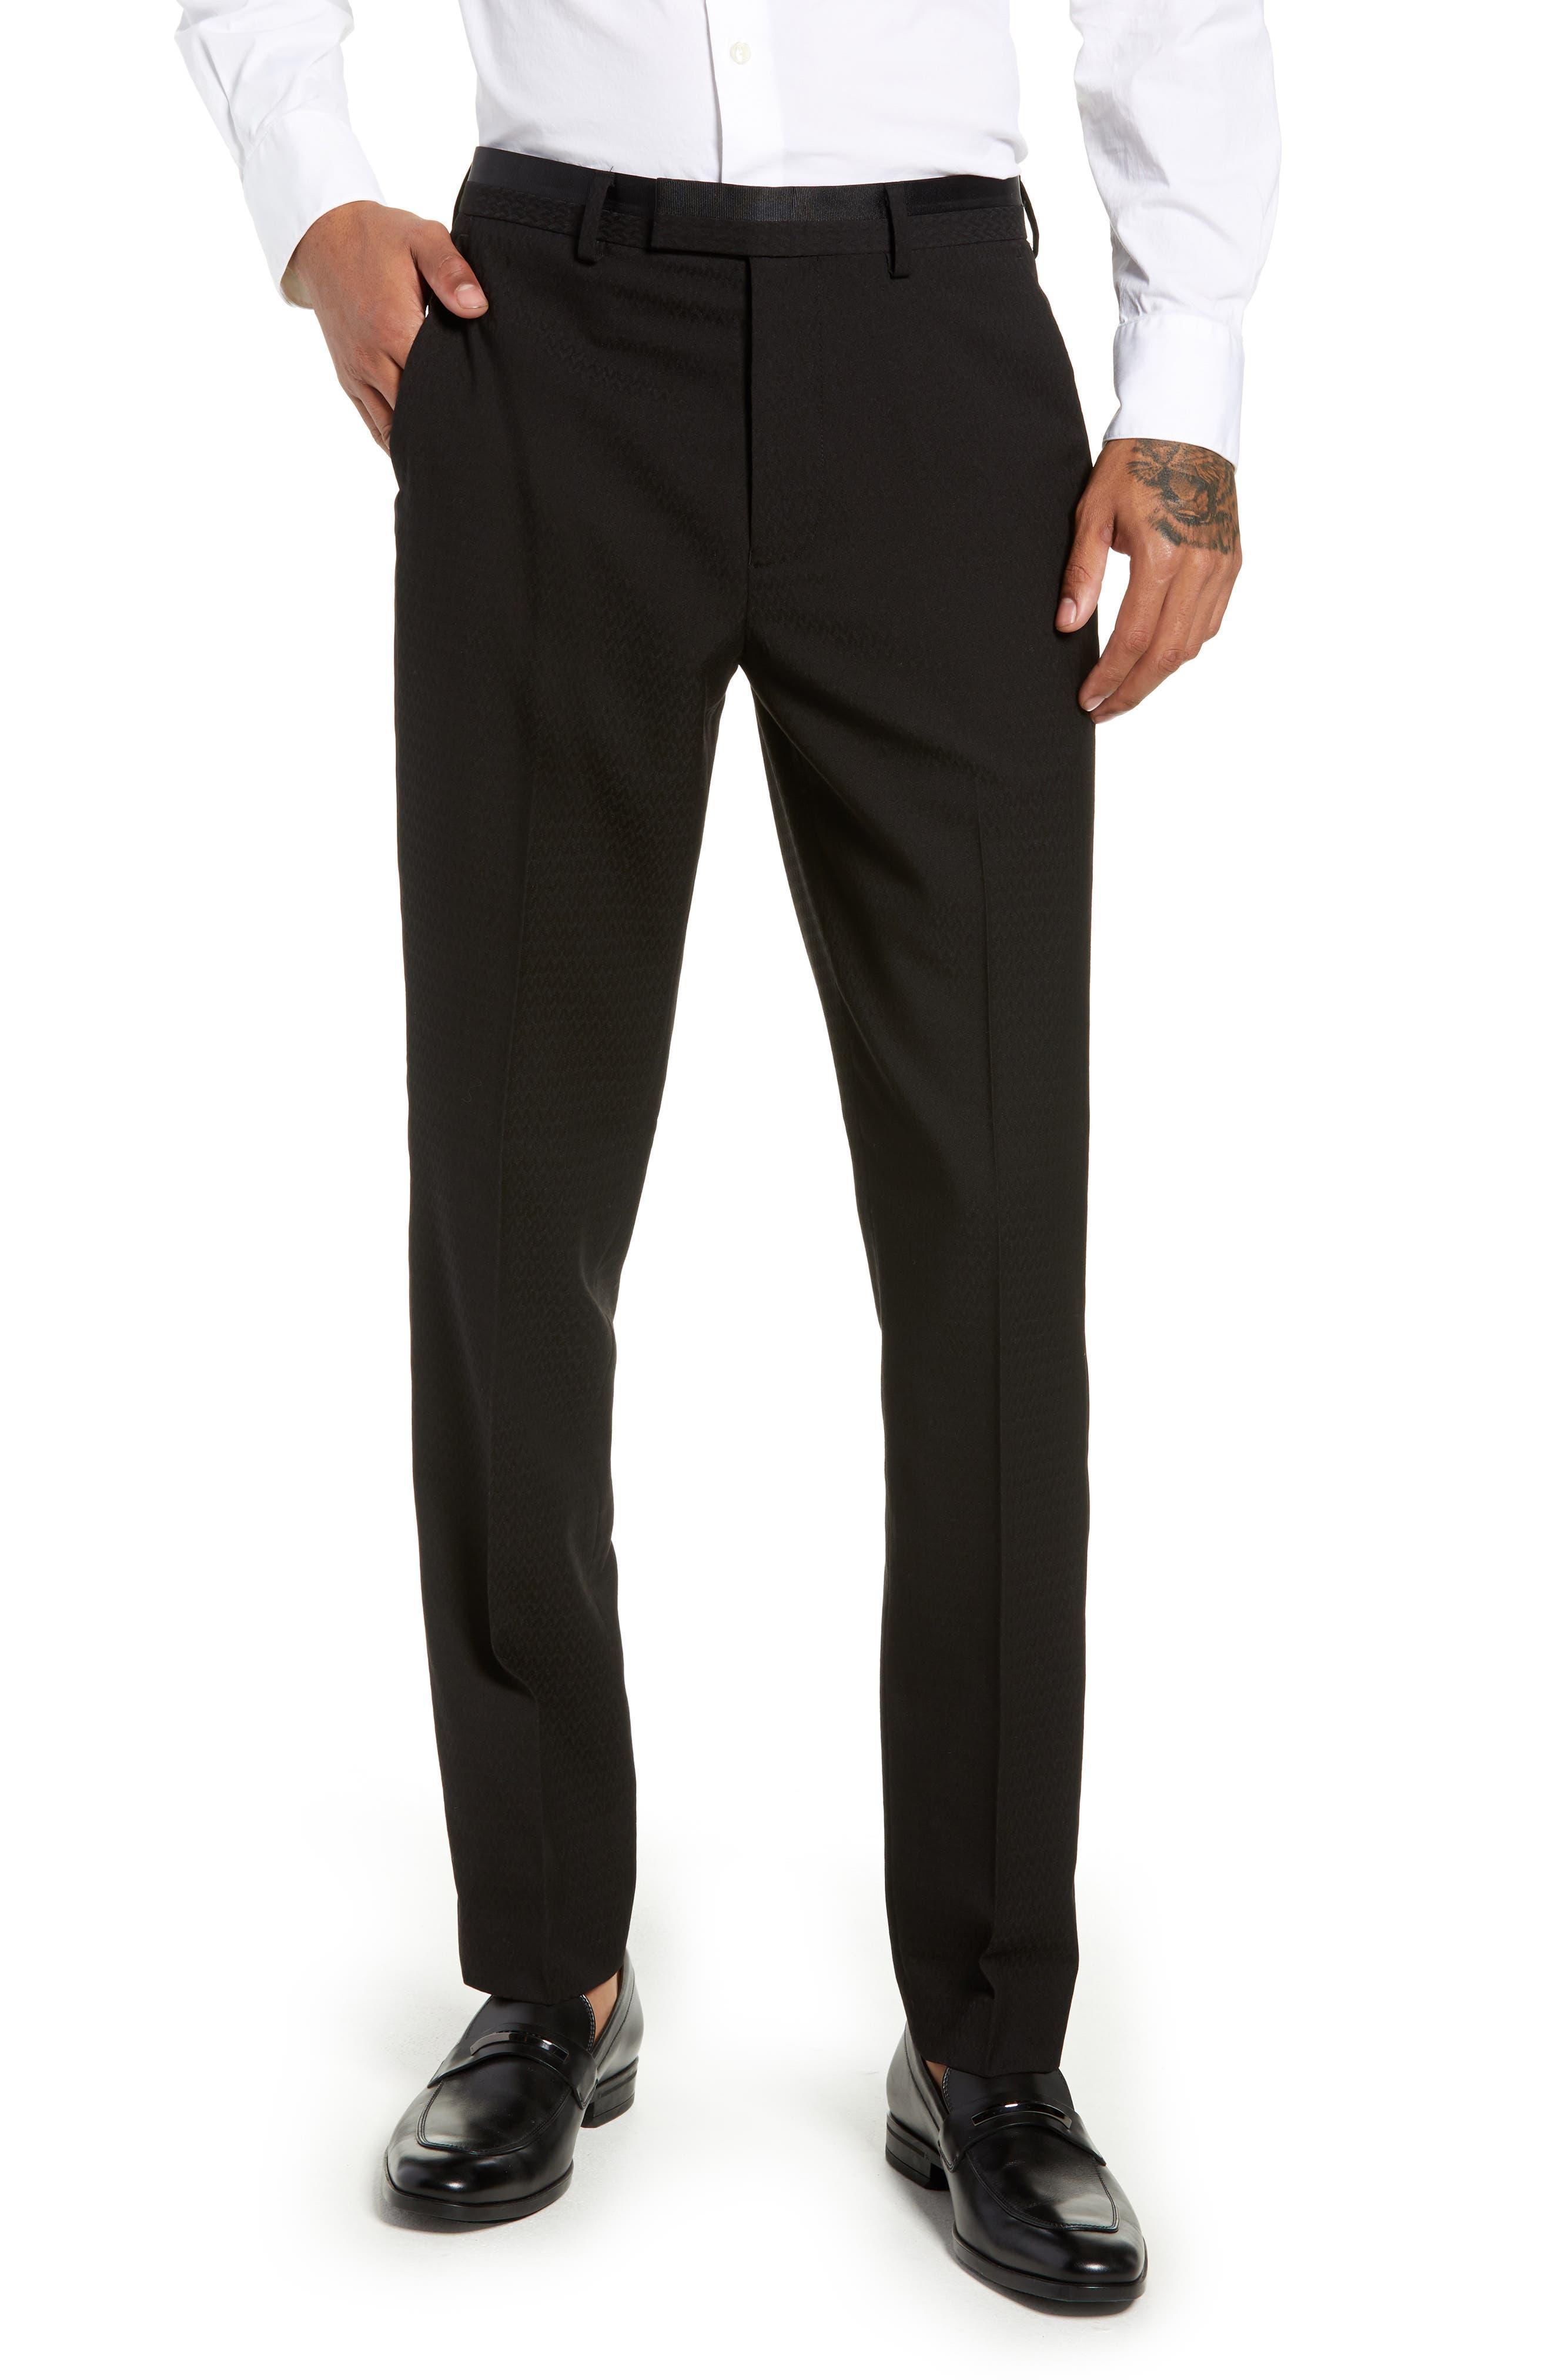 Kingley Slim Fit Tuxedo Pants,                             Main thumbnail 1, color,                             BLACK